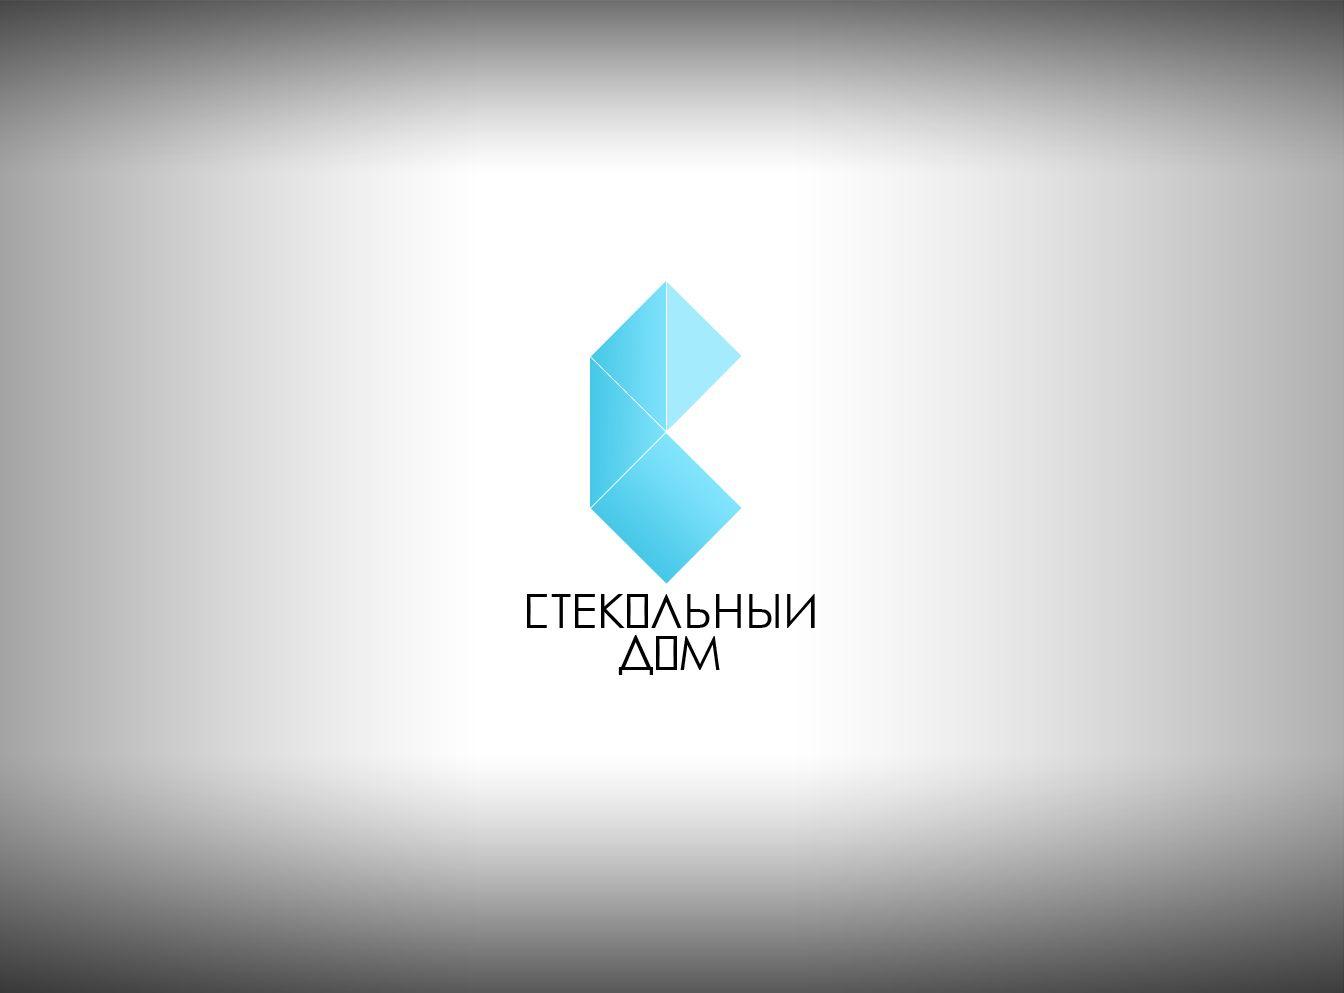 Логотип и ФС для компании «Стекольный дом» - дизайнер webgrafika